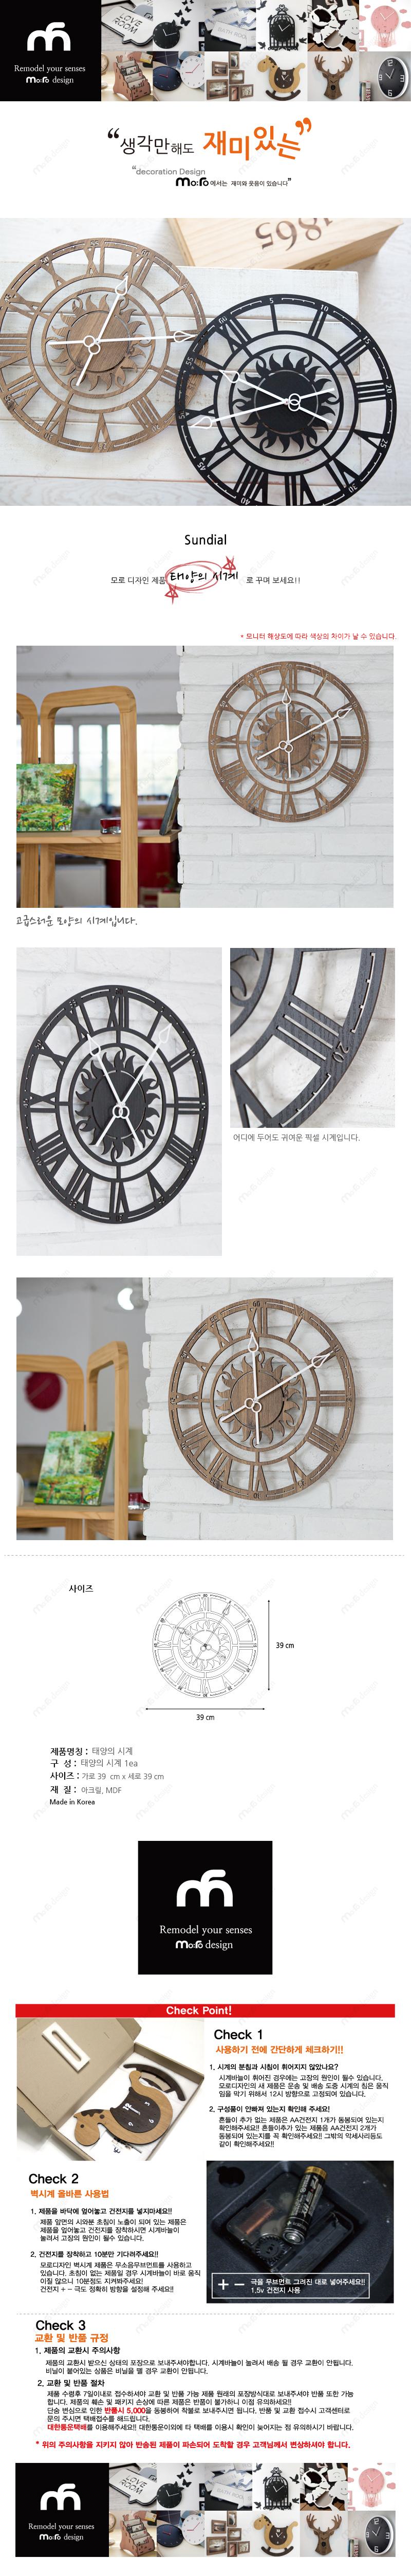 태양의 시간 무소음벽시계 - 모로, 30,100원, 벽시계, 디자인벽시계